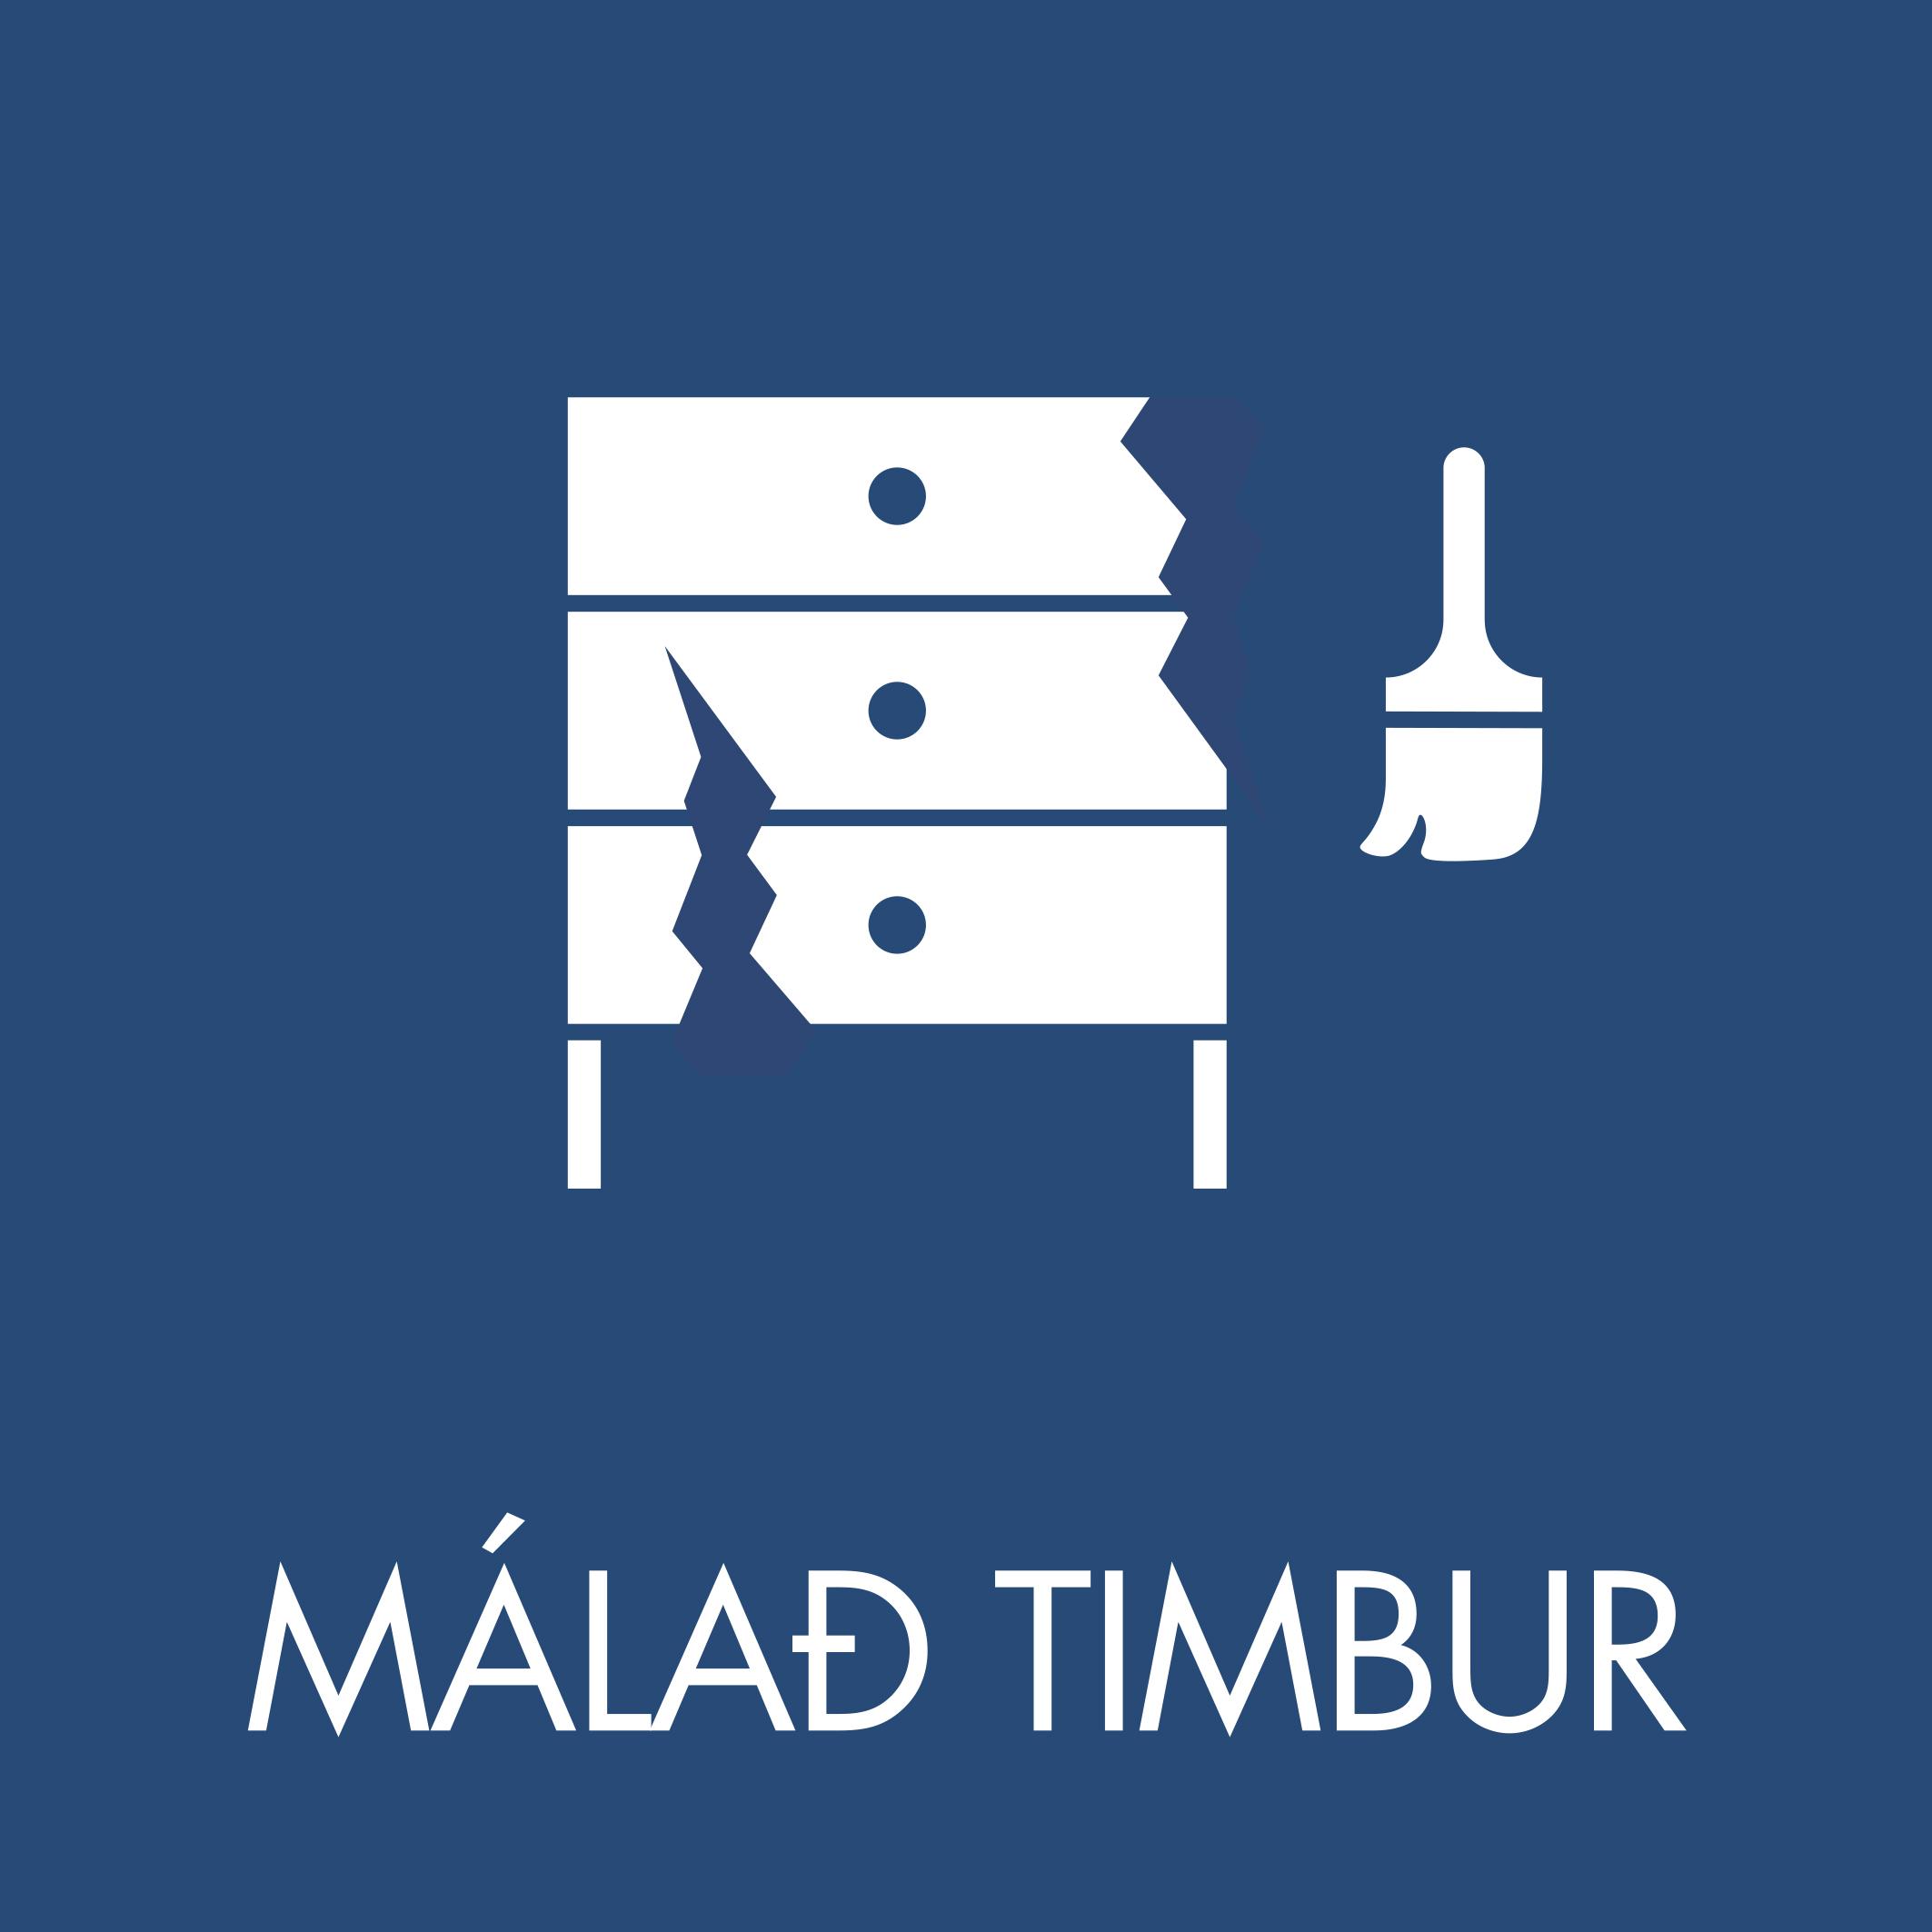 Málað timbur